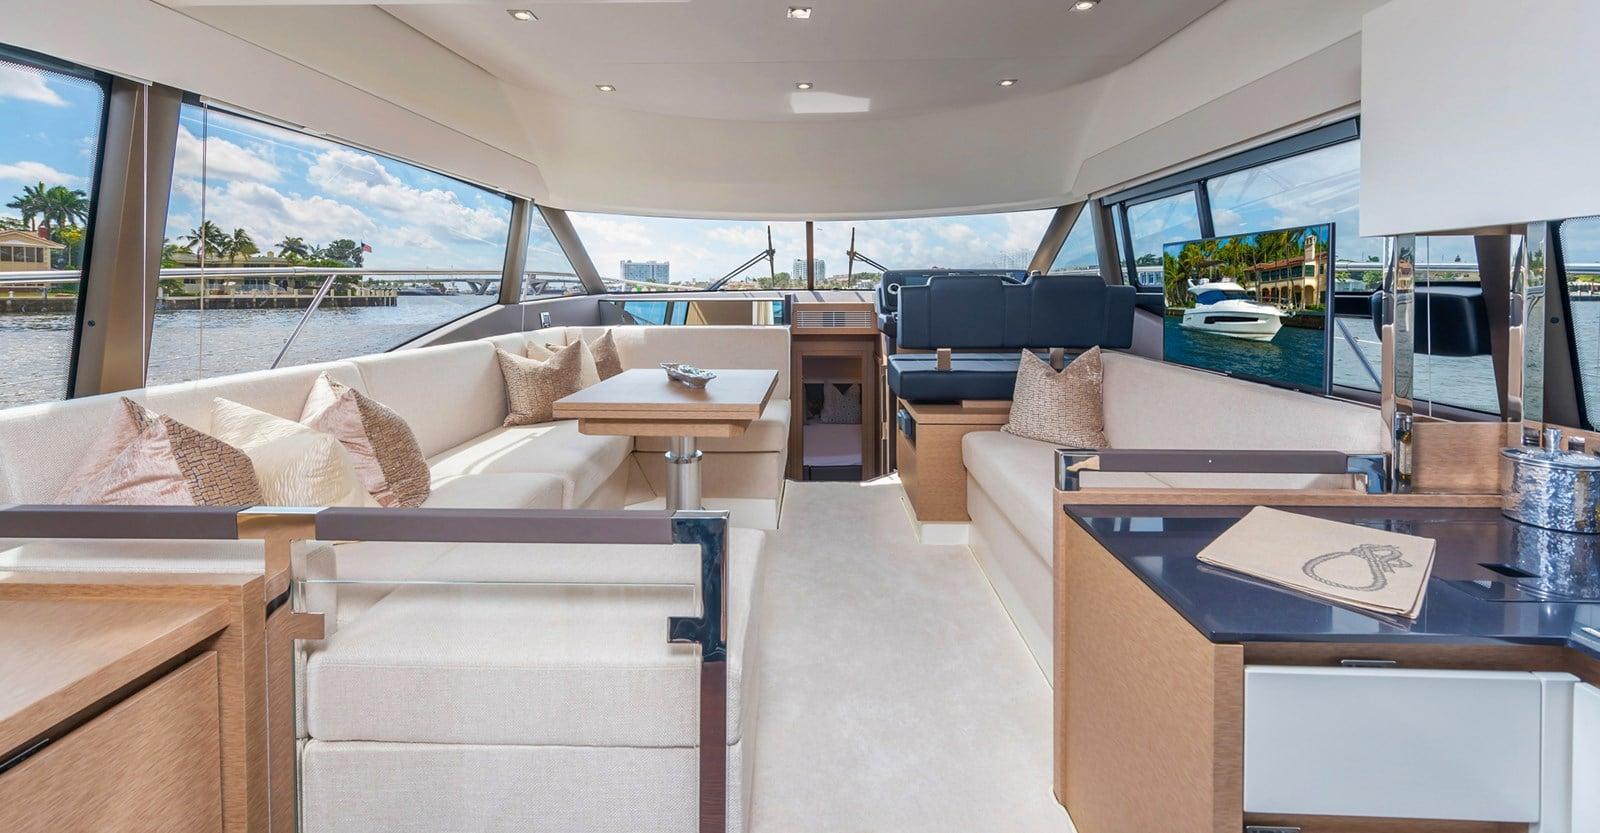 prestige 460 yacht salon02jpg